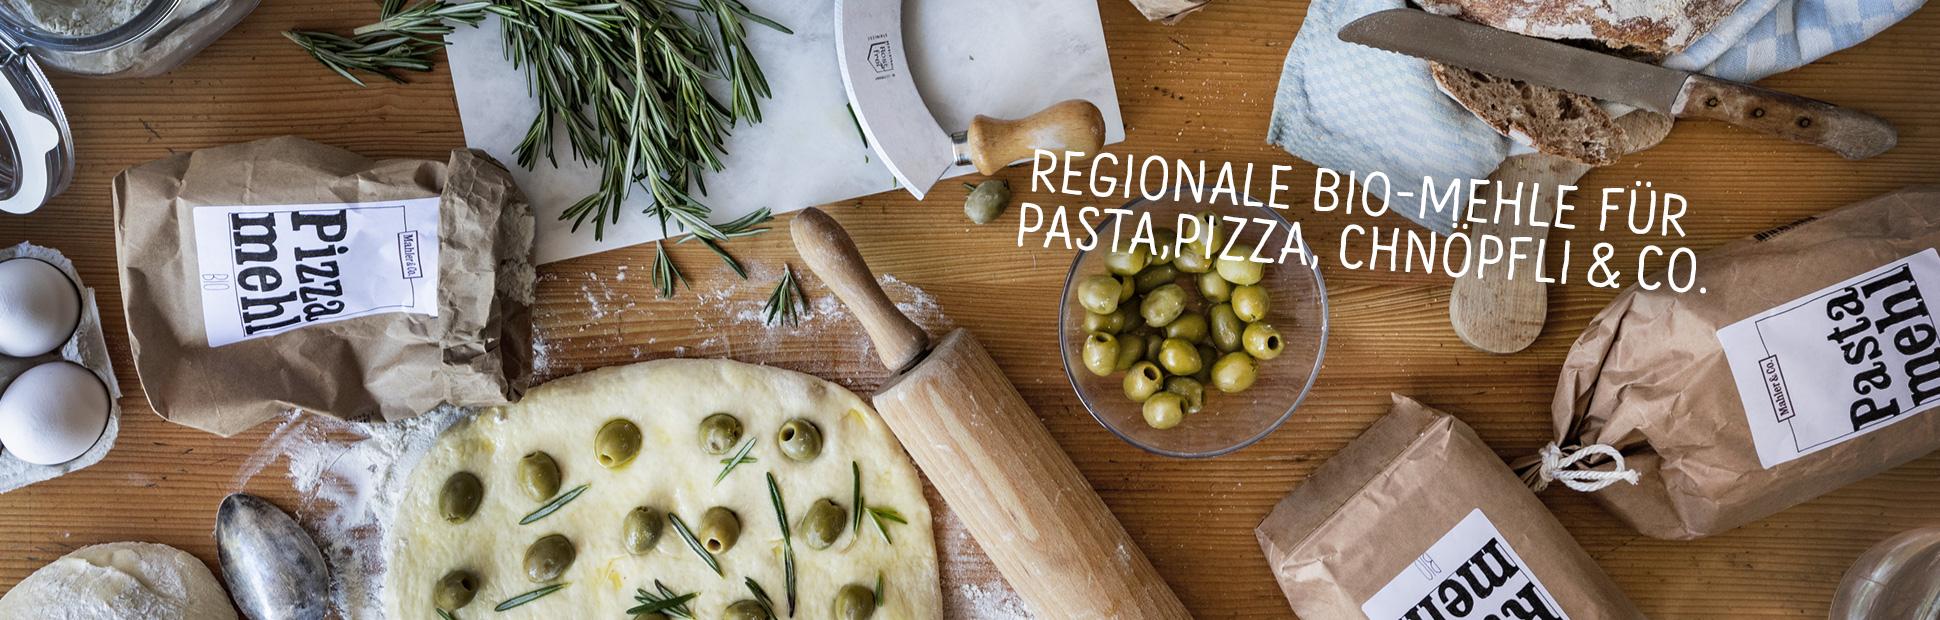 Regionale Bio-Mehle für Pizza, Pasta, Chnöpfli & Co.